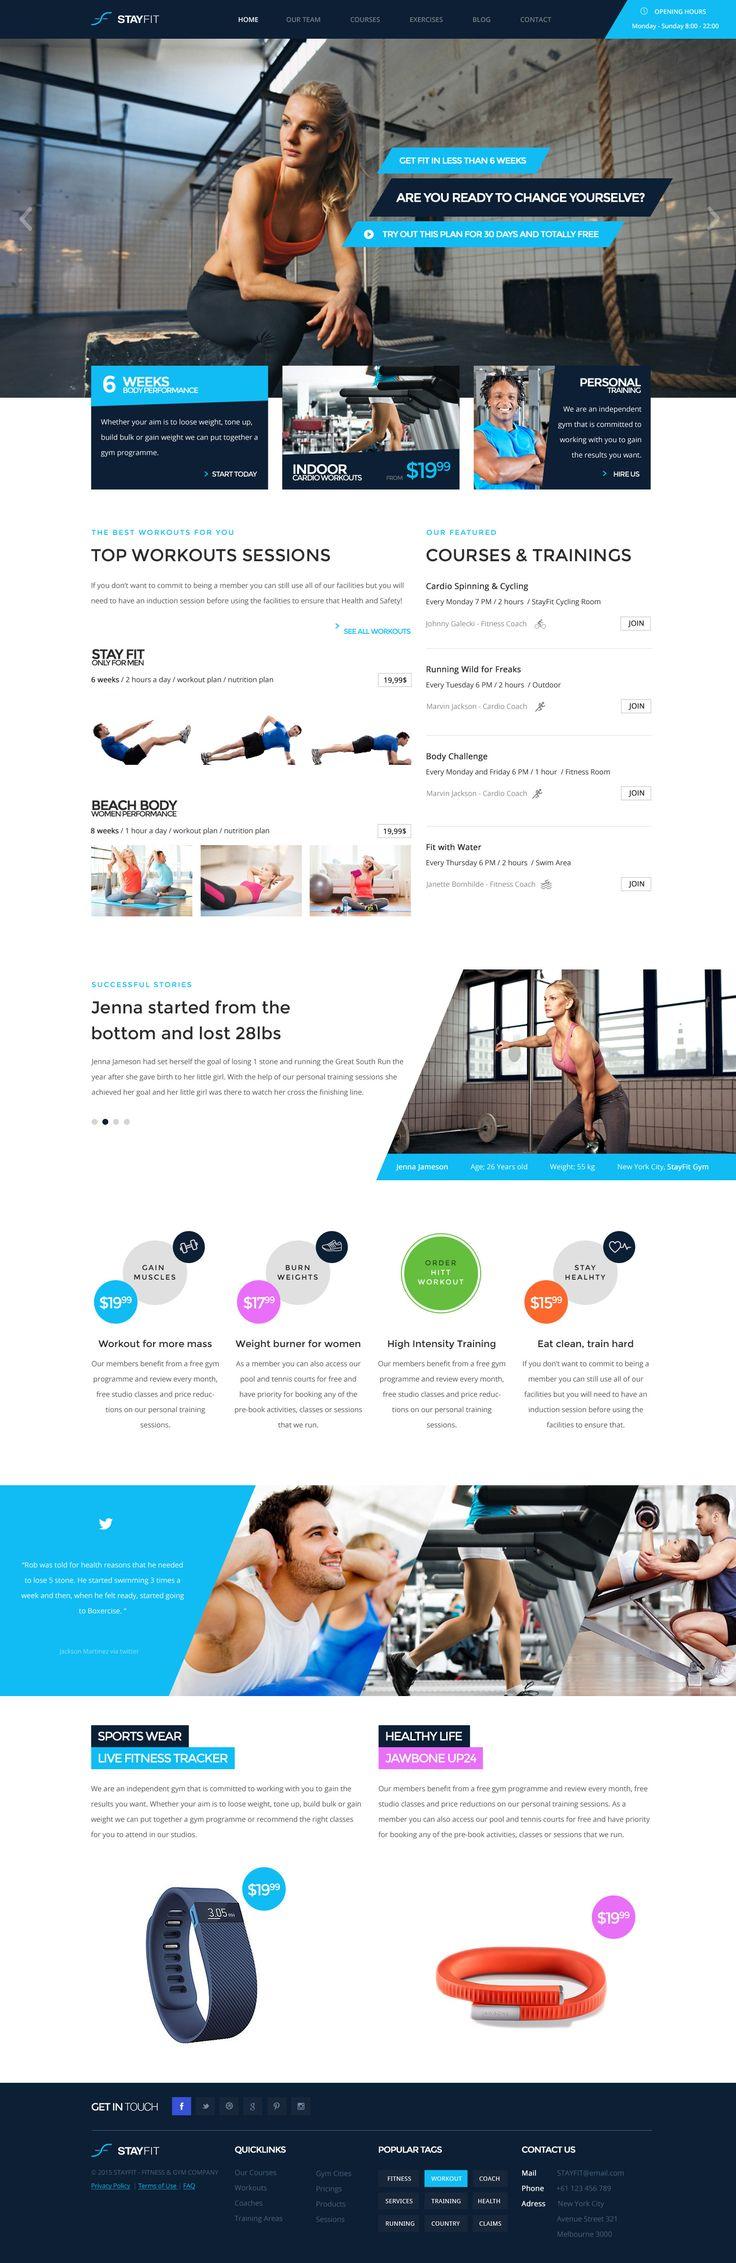 221 best Workout Website images on Pinterest   Website designs ...